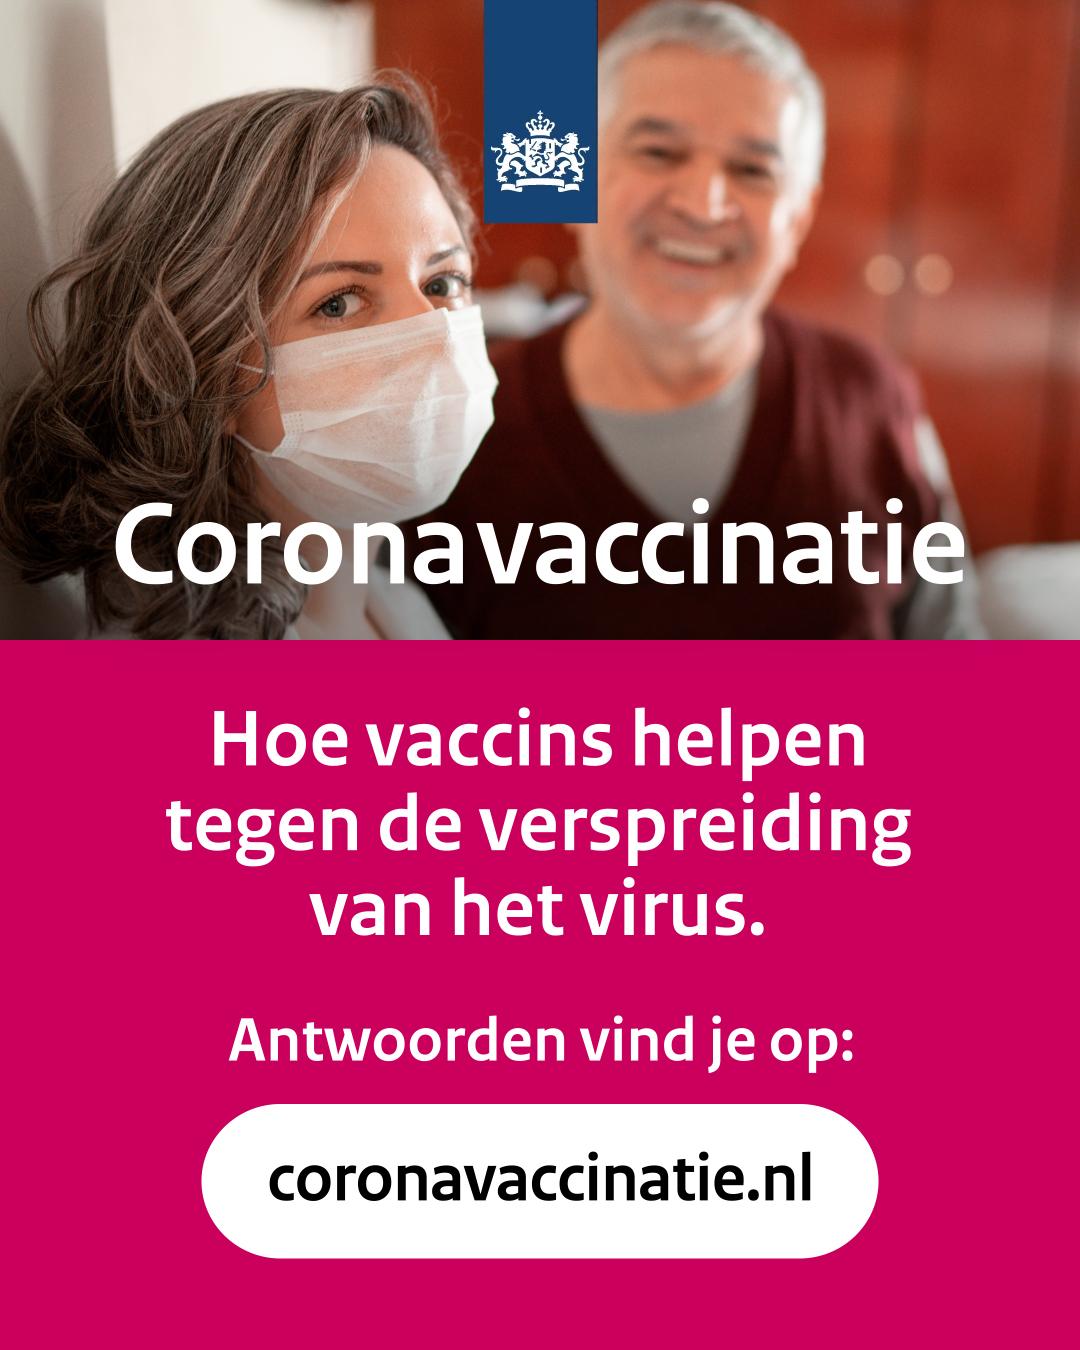 Social post 'Hoe vaccins helpen tegen verspreiding'